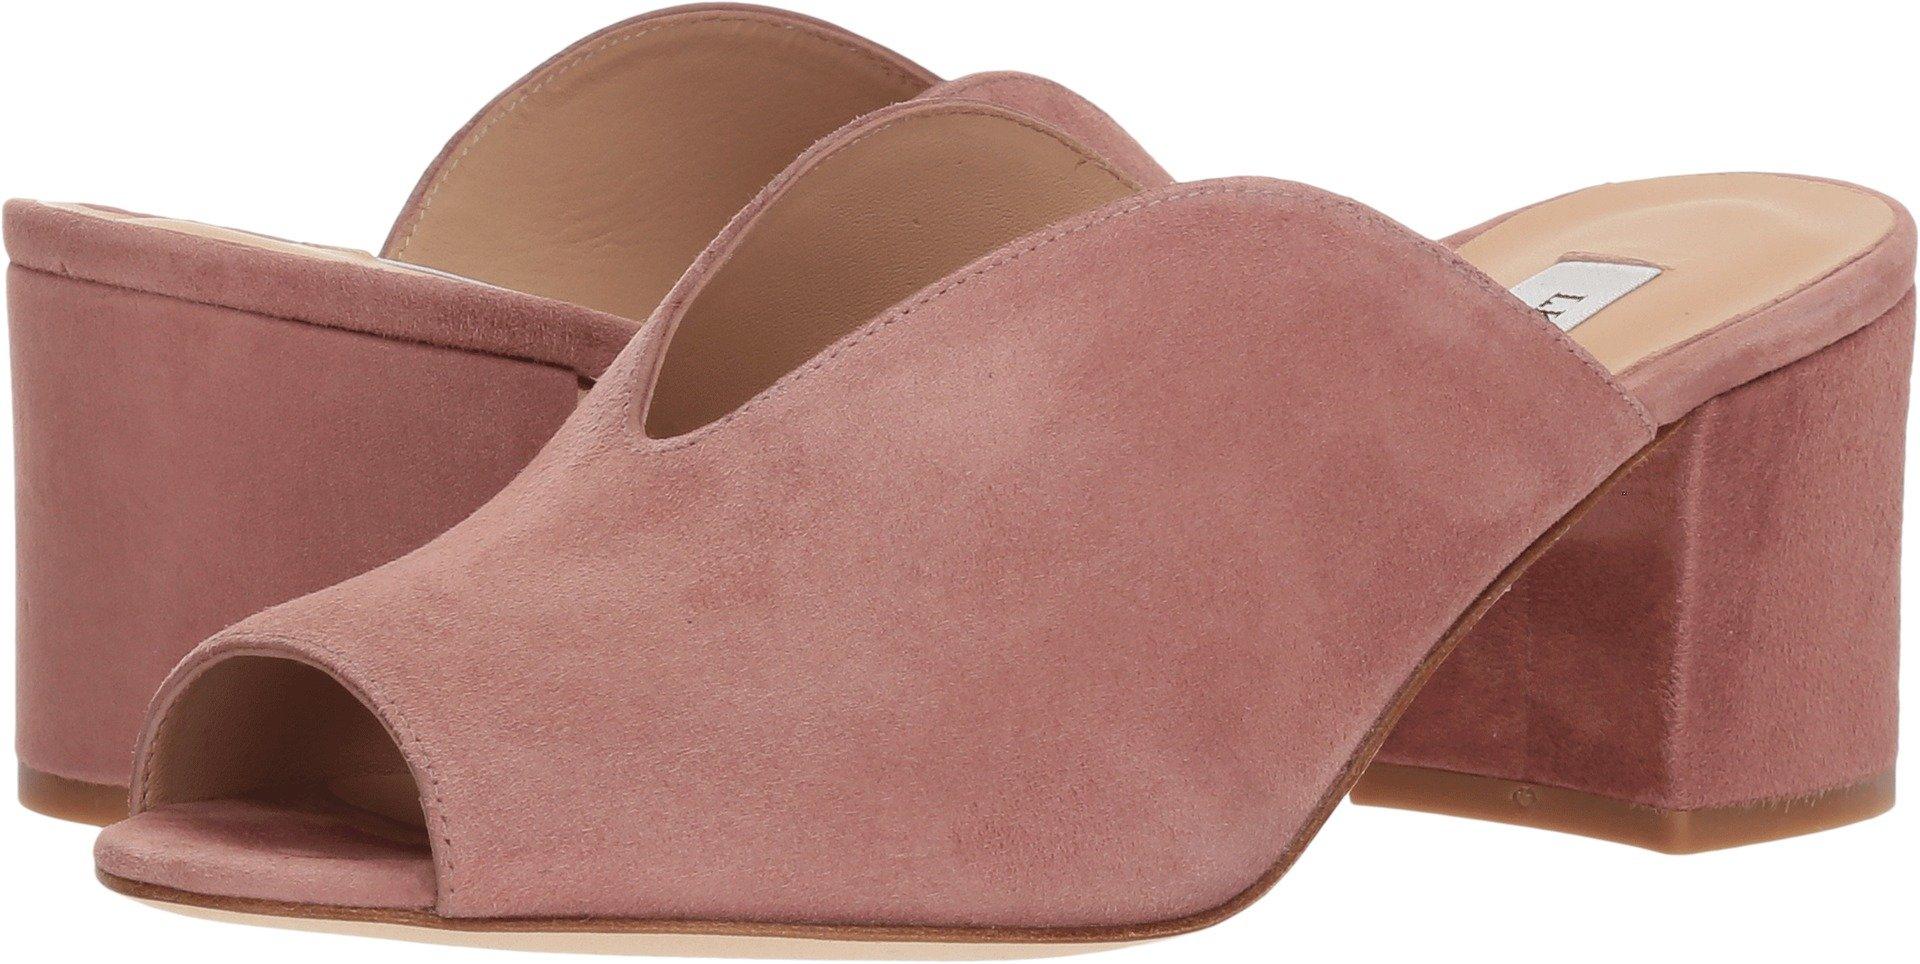 L.K. Bennett Women's Jagoda Slide Sandal, Dark Pink, 37 Medium UK (6.5 US)